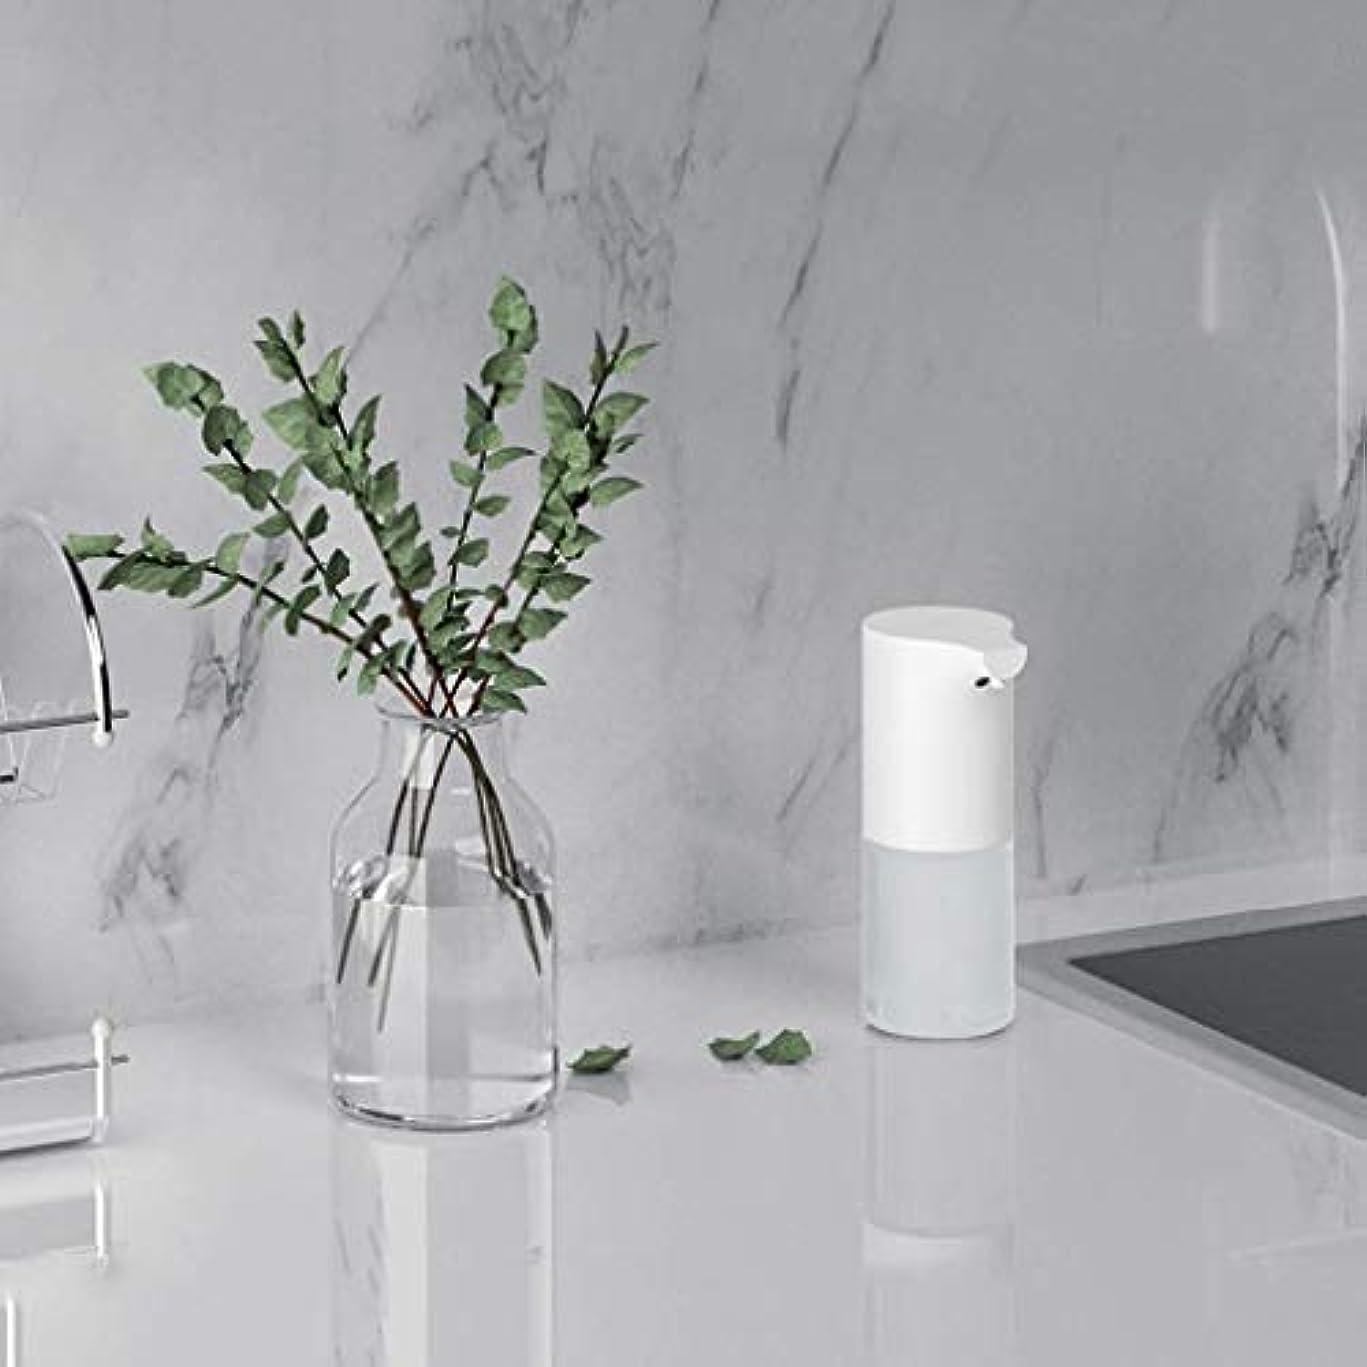 とティーム送る感謝する赤外線センサー泡手消毒剤320ミリリットル環境保護素材石鹸ボトルキッチンバスルームローション(色:白、サイズ:19 * 9.8 * 7.3 cm) (Color : White, Size : 19*9.8*7.3cm)